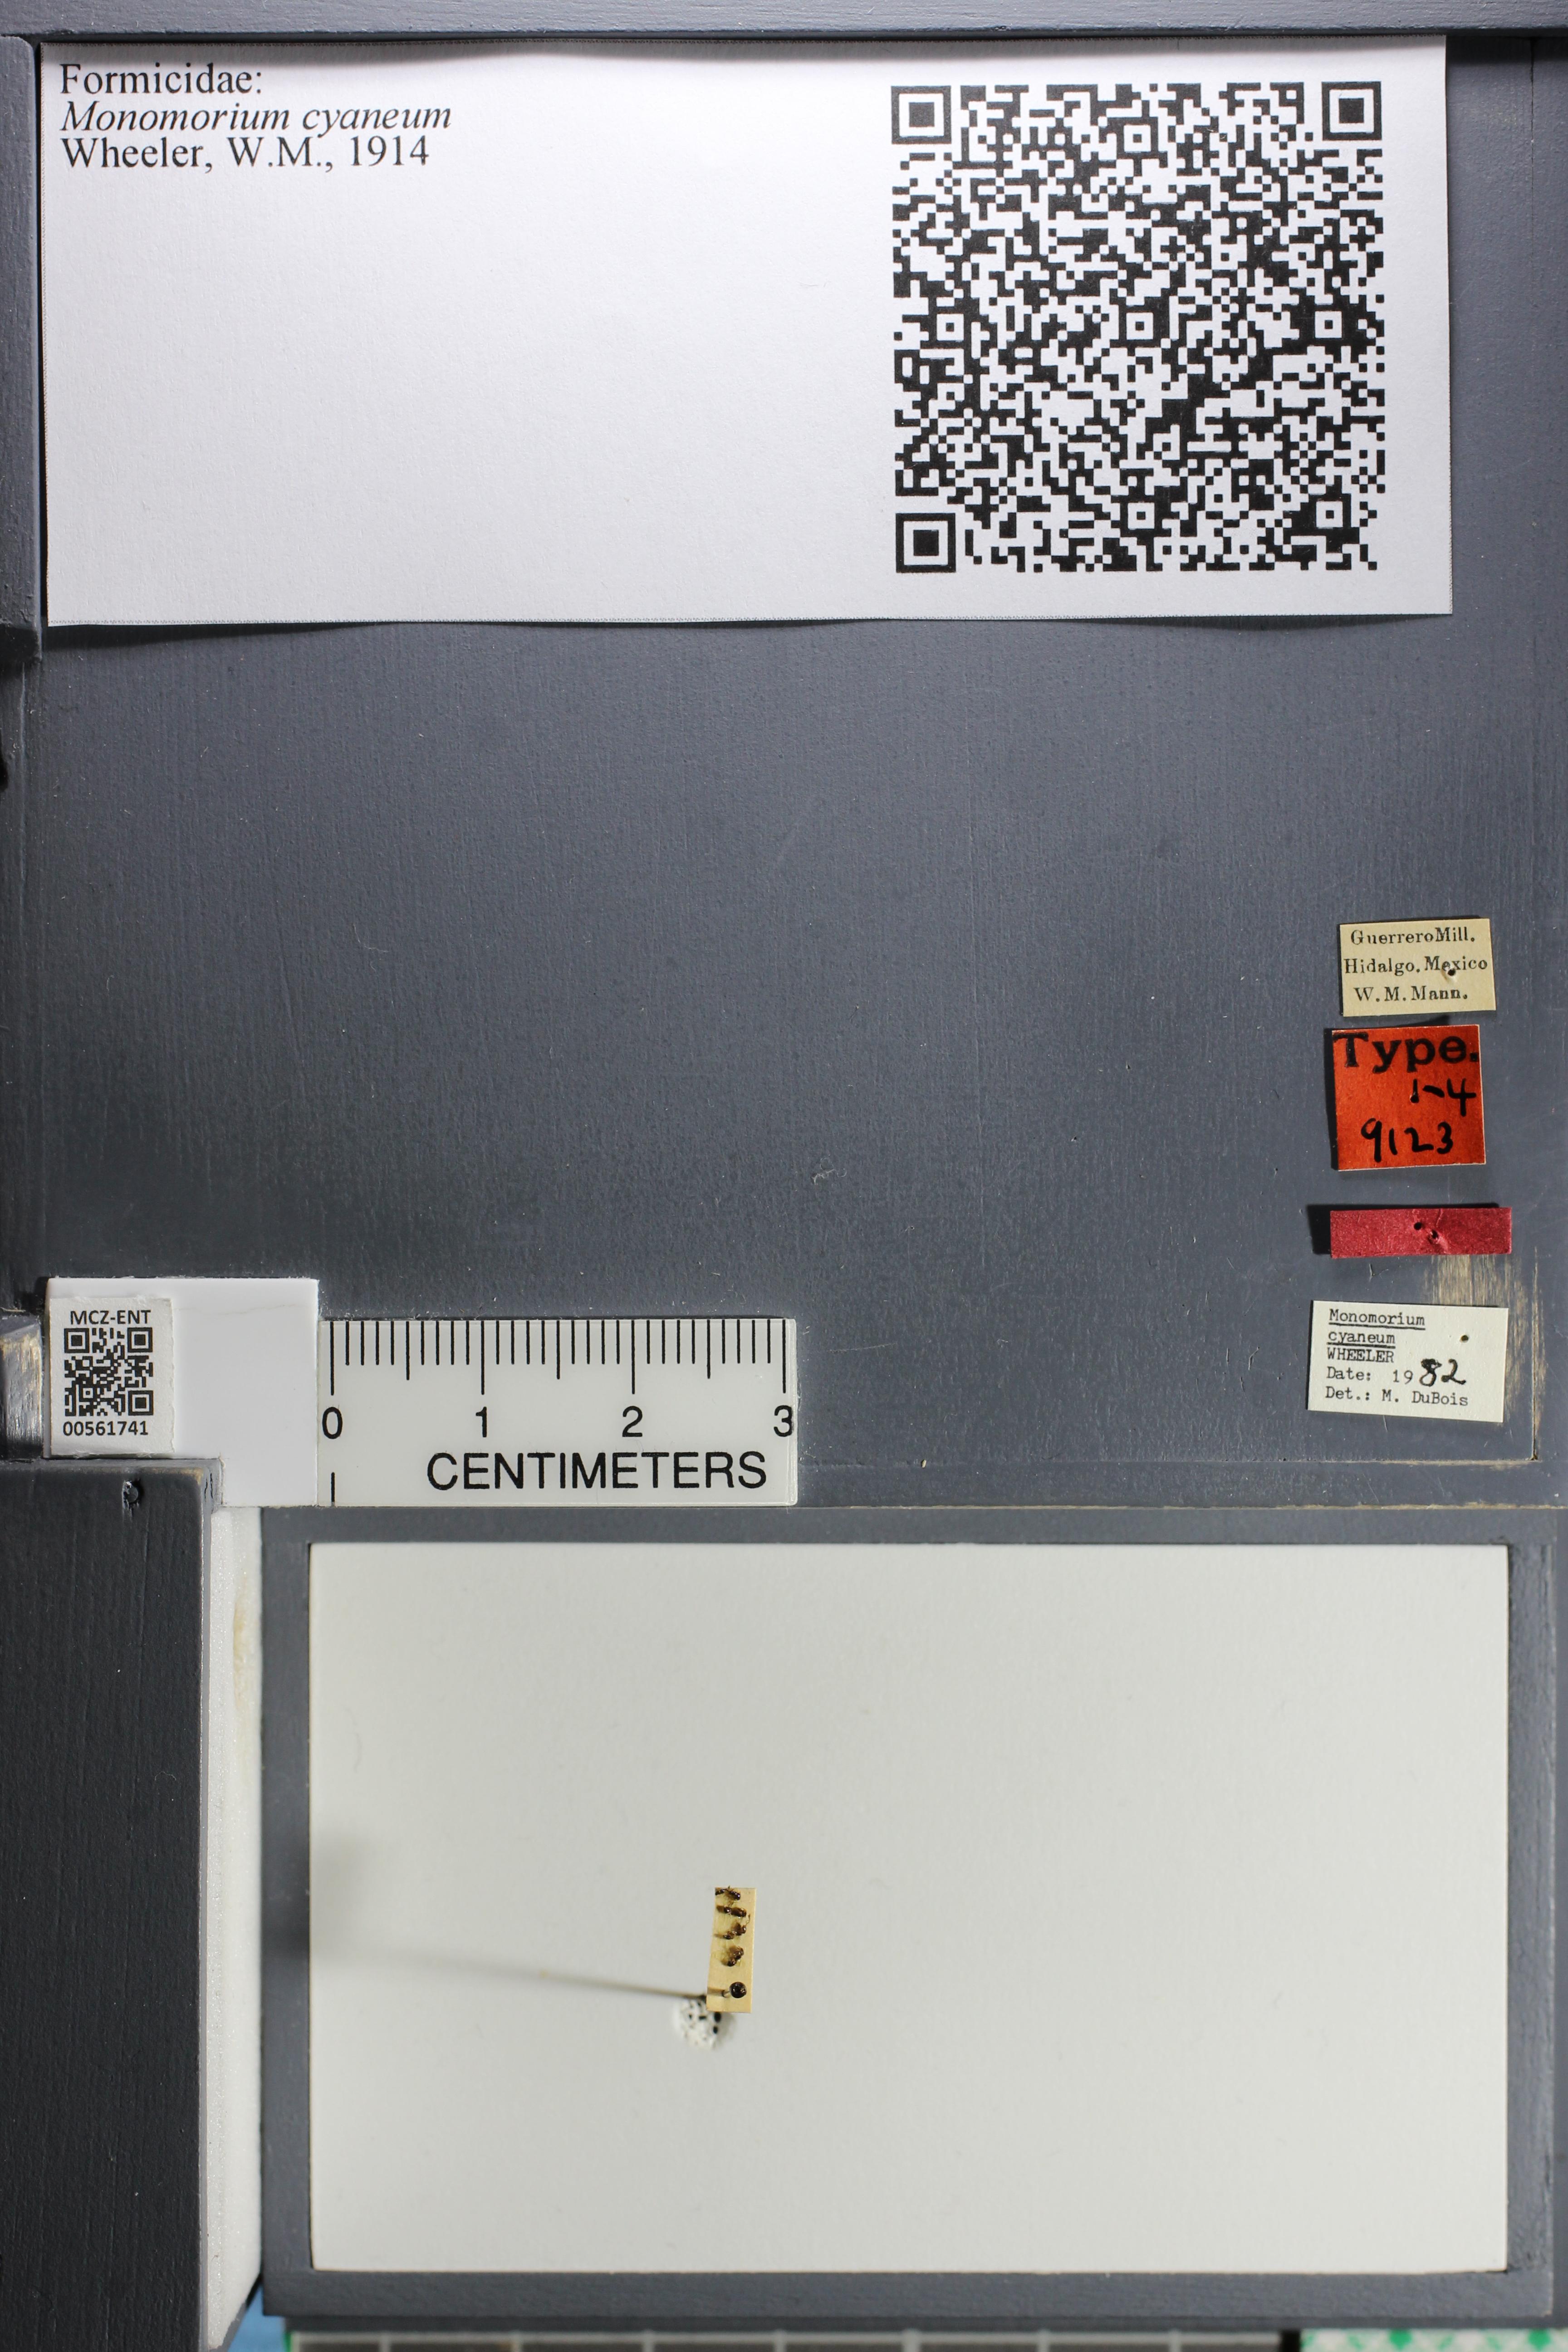 Image of Monomorium cyaneum